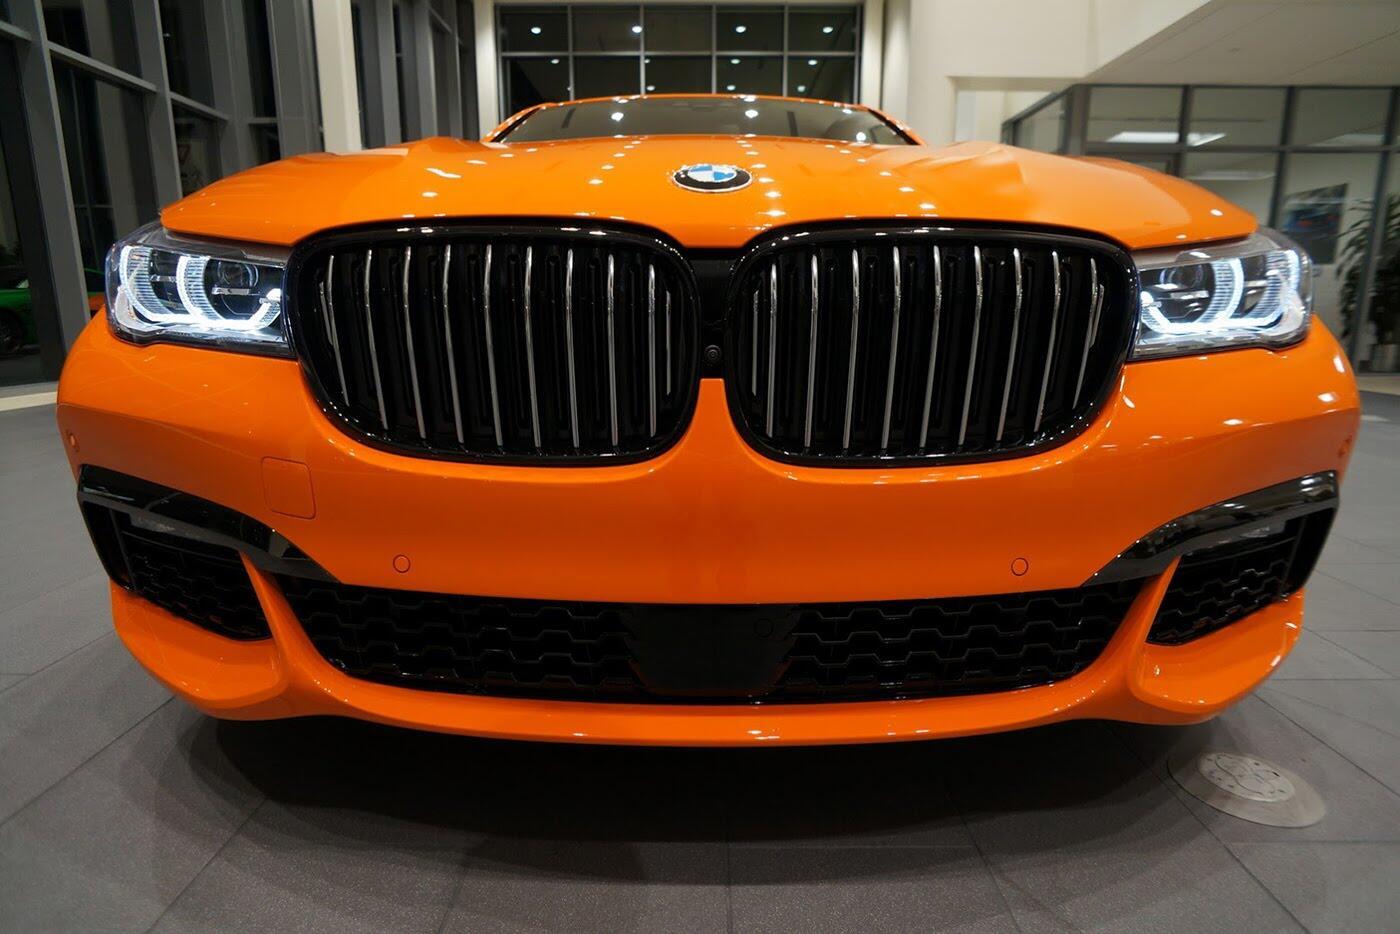 Cận cảnh BMW 750i 2017 phiên bản đặc biệt Fire Orange - Hình 12